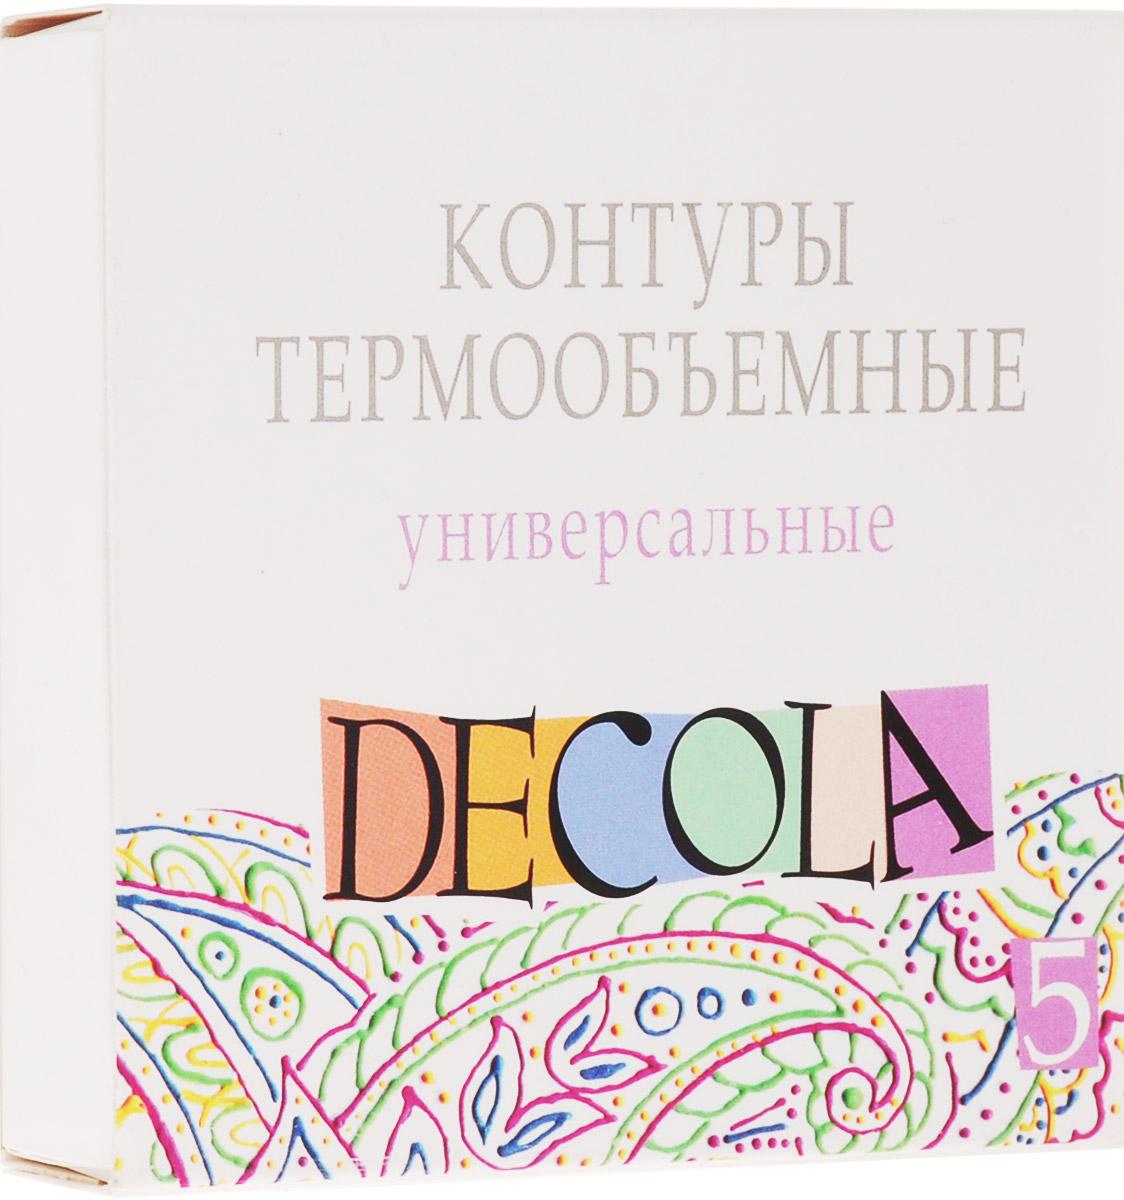 Decola Контуры термообъемные универсальные 5 цветов